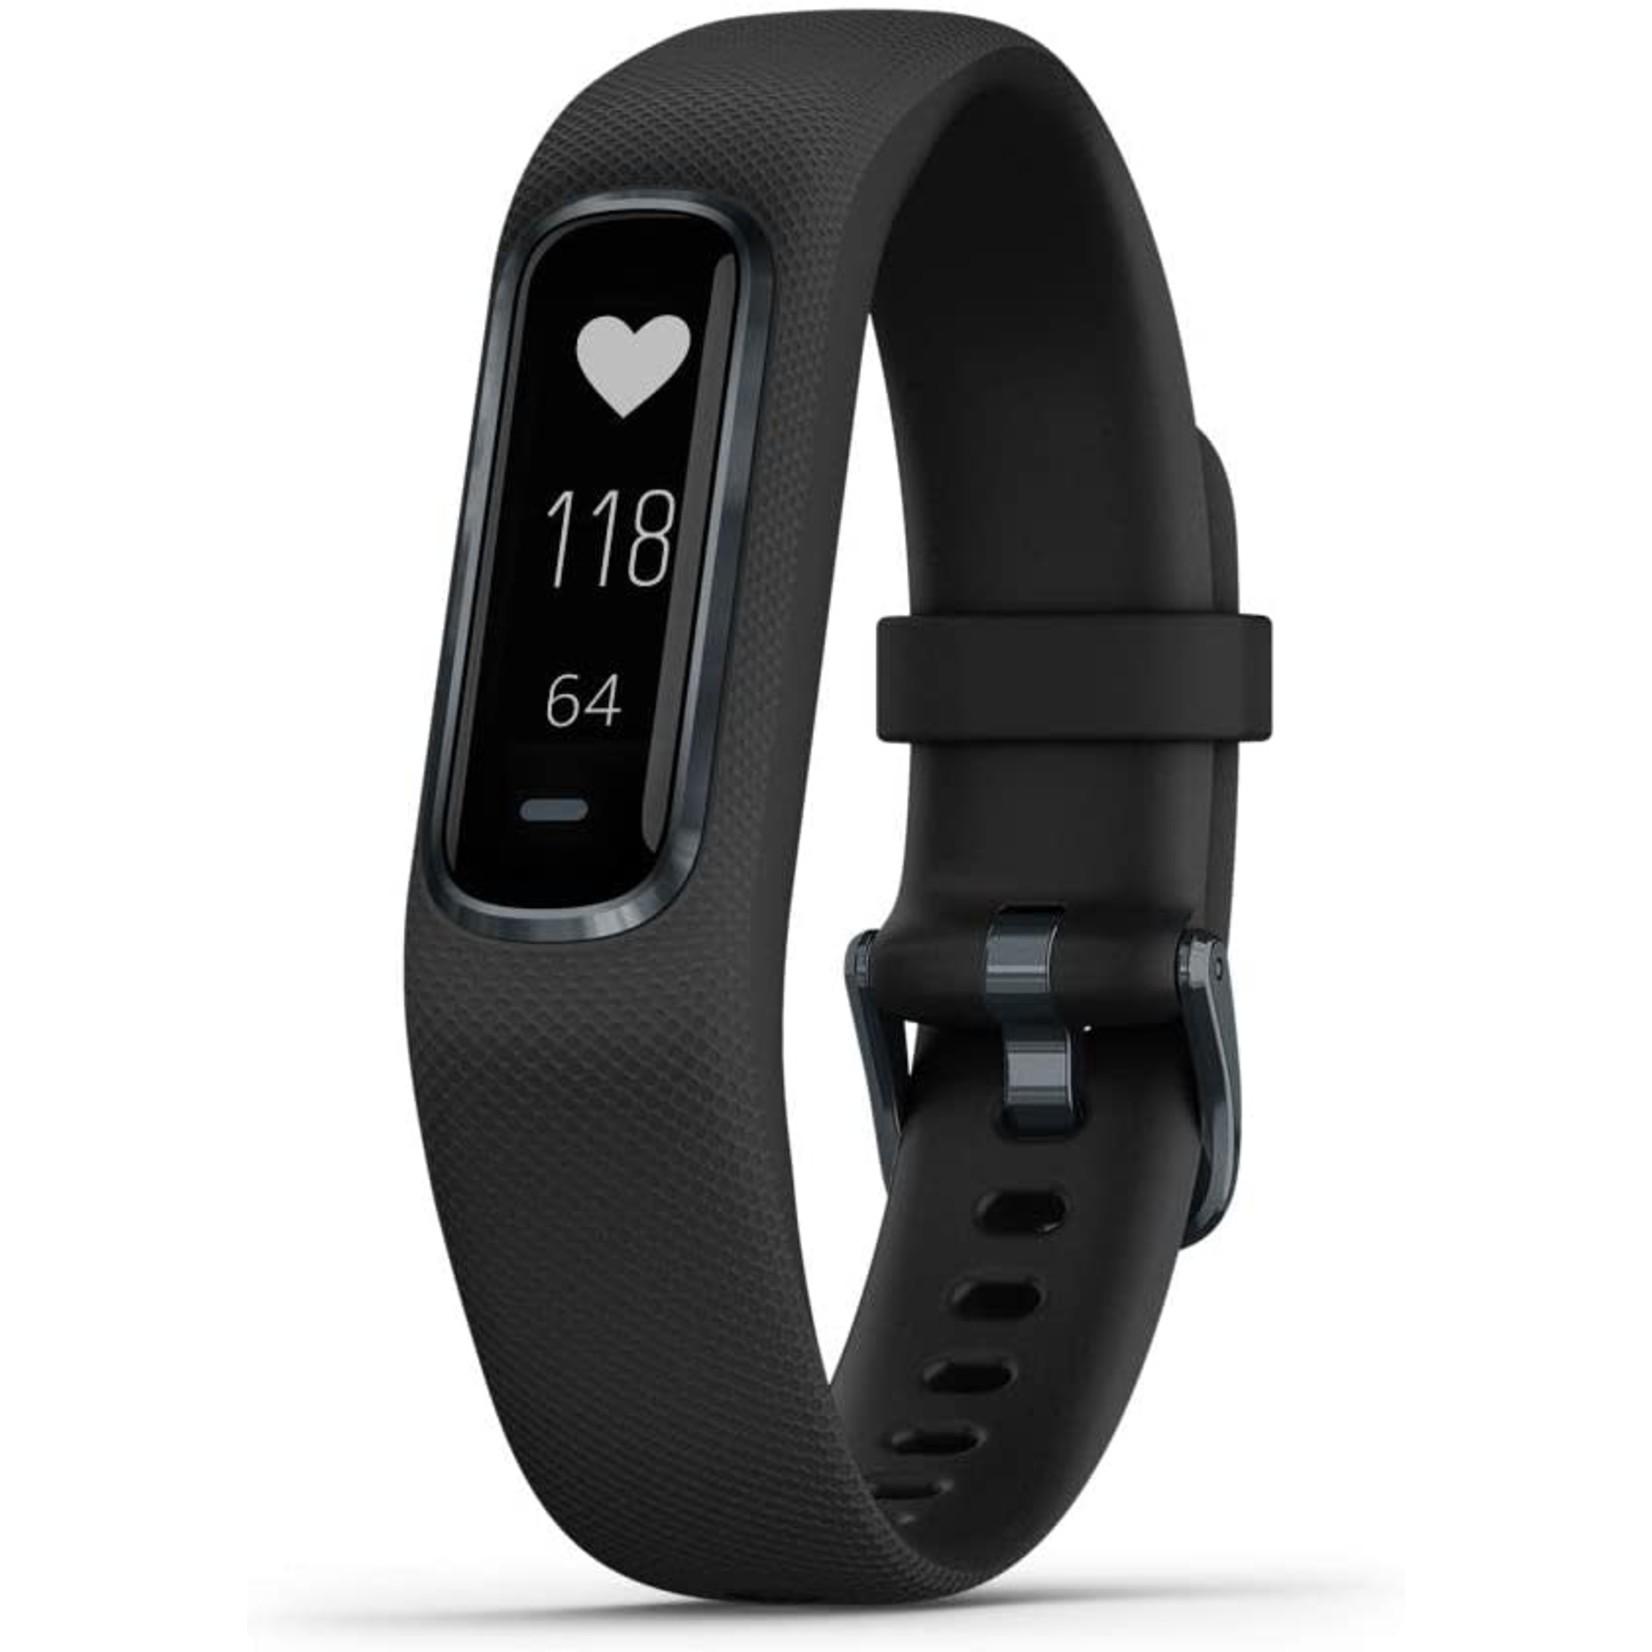 Garmin Garmin, vivosmart 4, Montre, Couleur de la montre: Noir, Bracelet: Noir - Silicone, Petit/Moyen, 010-01995-10